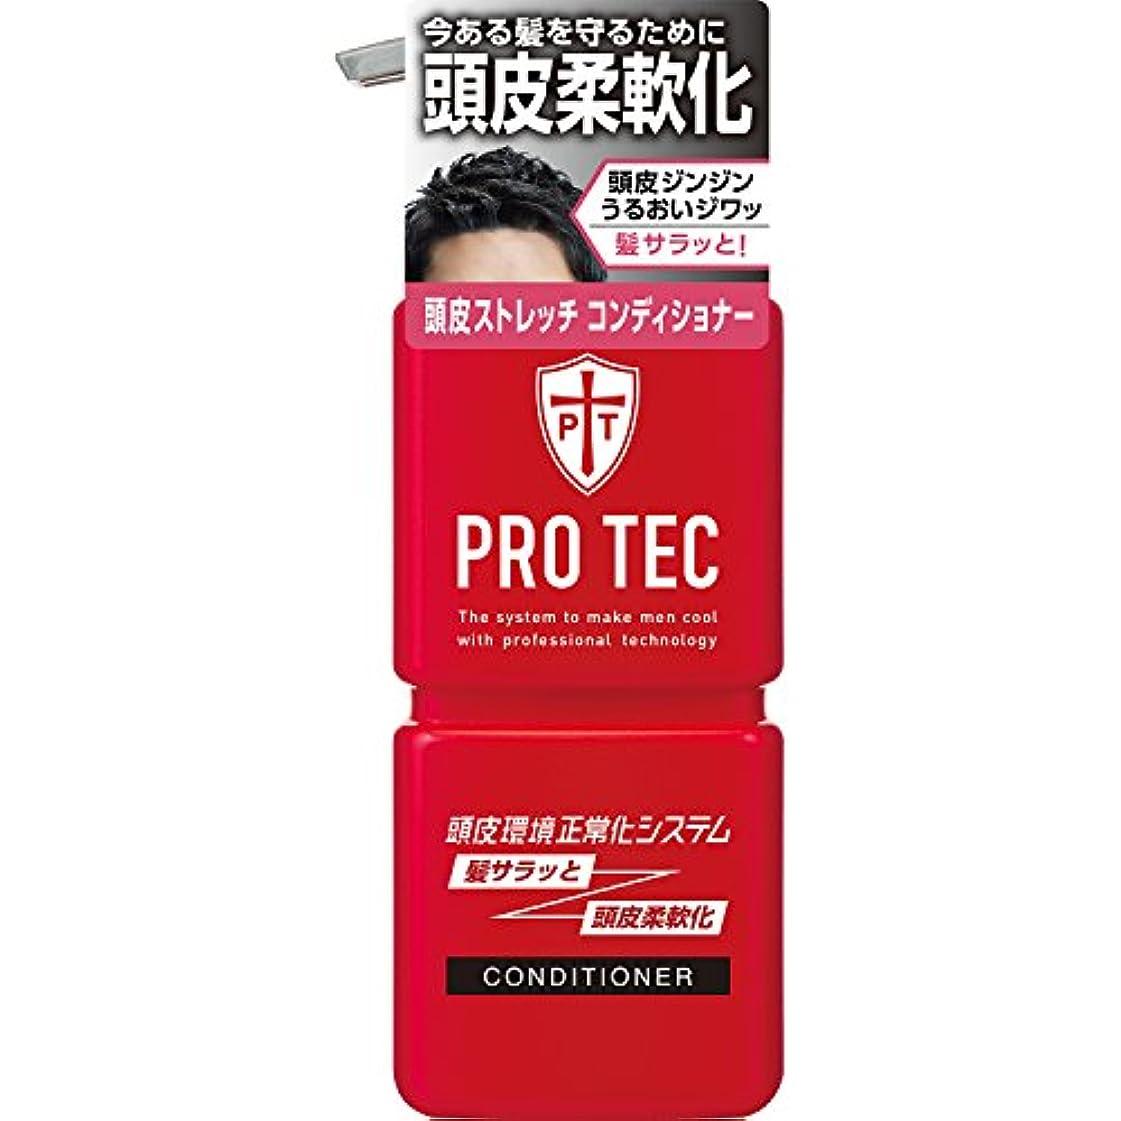 ルーム引っ張る母PRO TEC(プロテク) 頭皮ストレッチ コンディショナー 本体ポンプ 300g